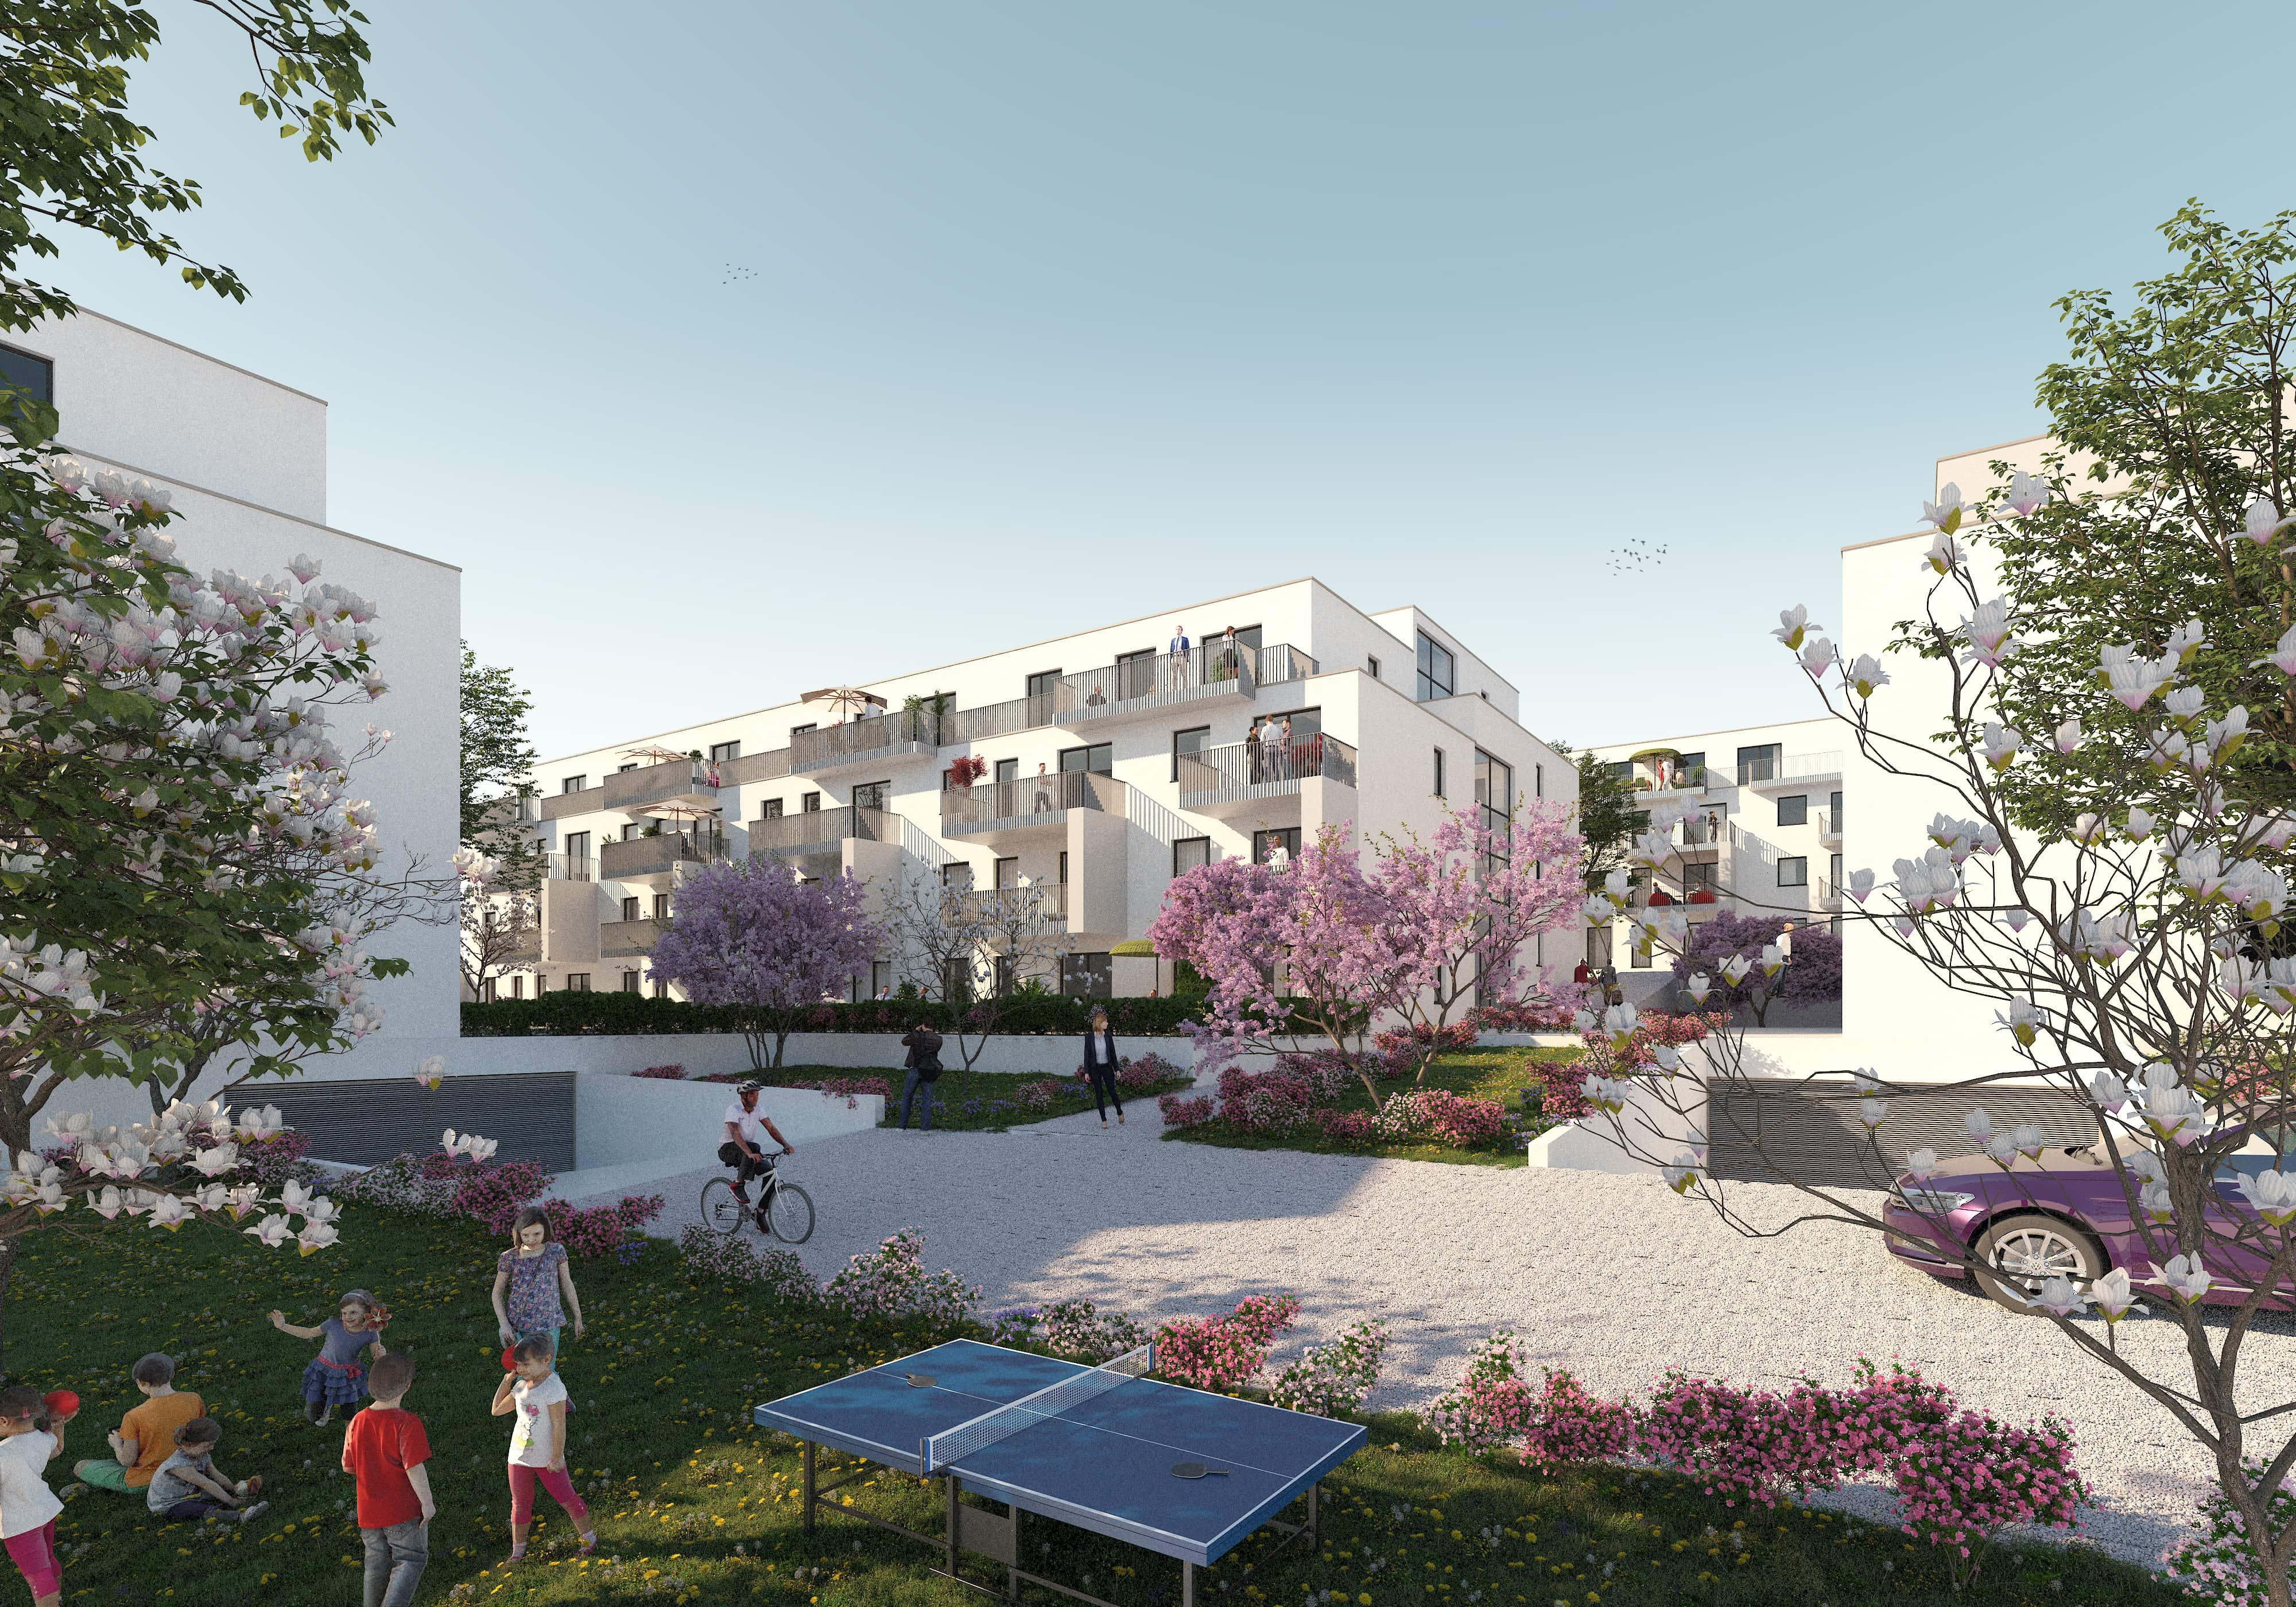 © RUNSER / PRANTL architekten, Passiv Wohnhausanlage, 2000 Stockerau Niederösterreich, Niederösterreich, Österreich, Wettbewerb, 2019, Passiv Wohnhausanlage